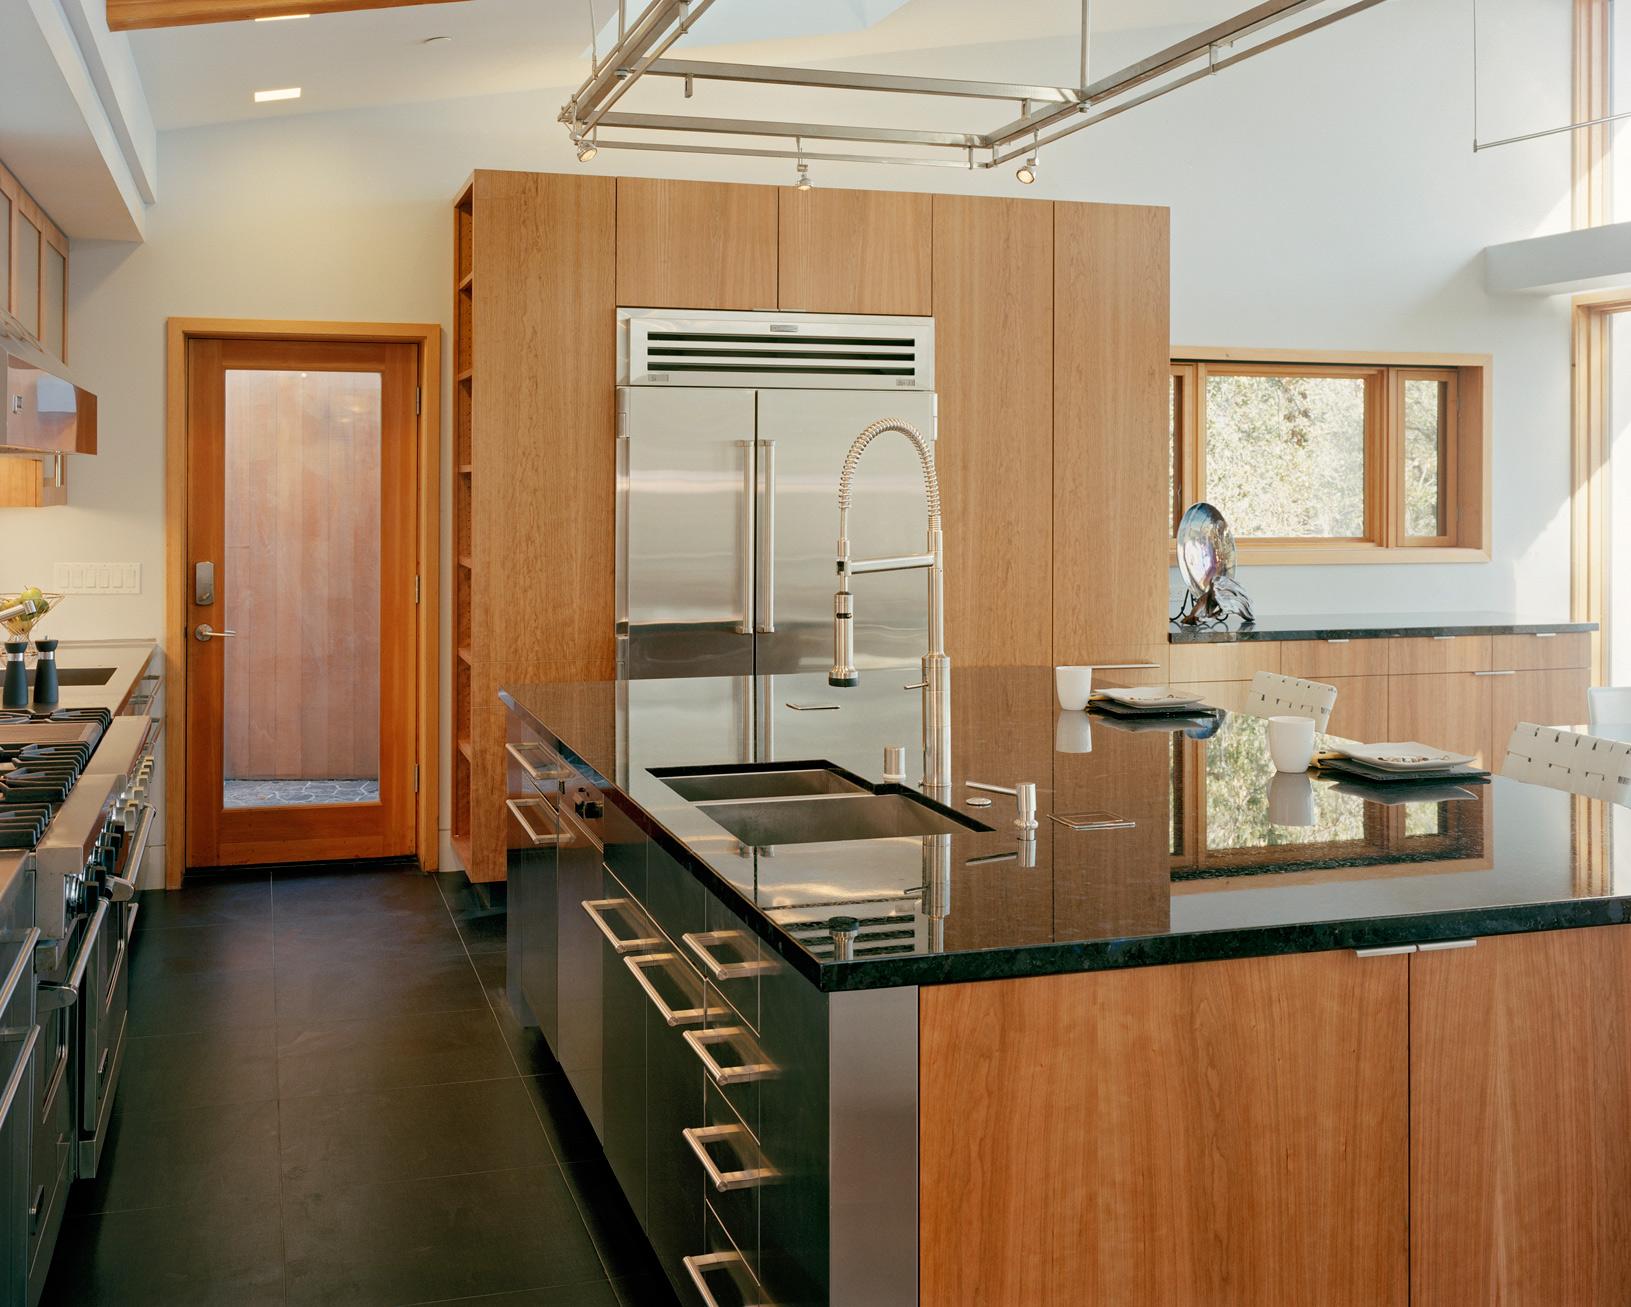 New modern home kitchen.jpg